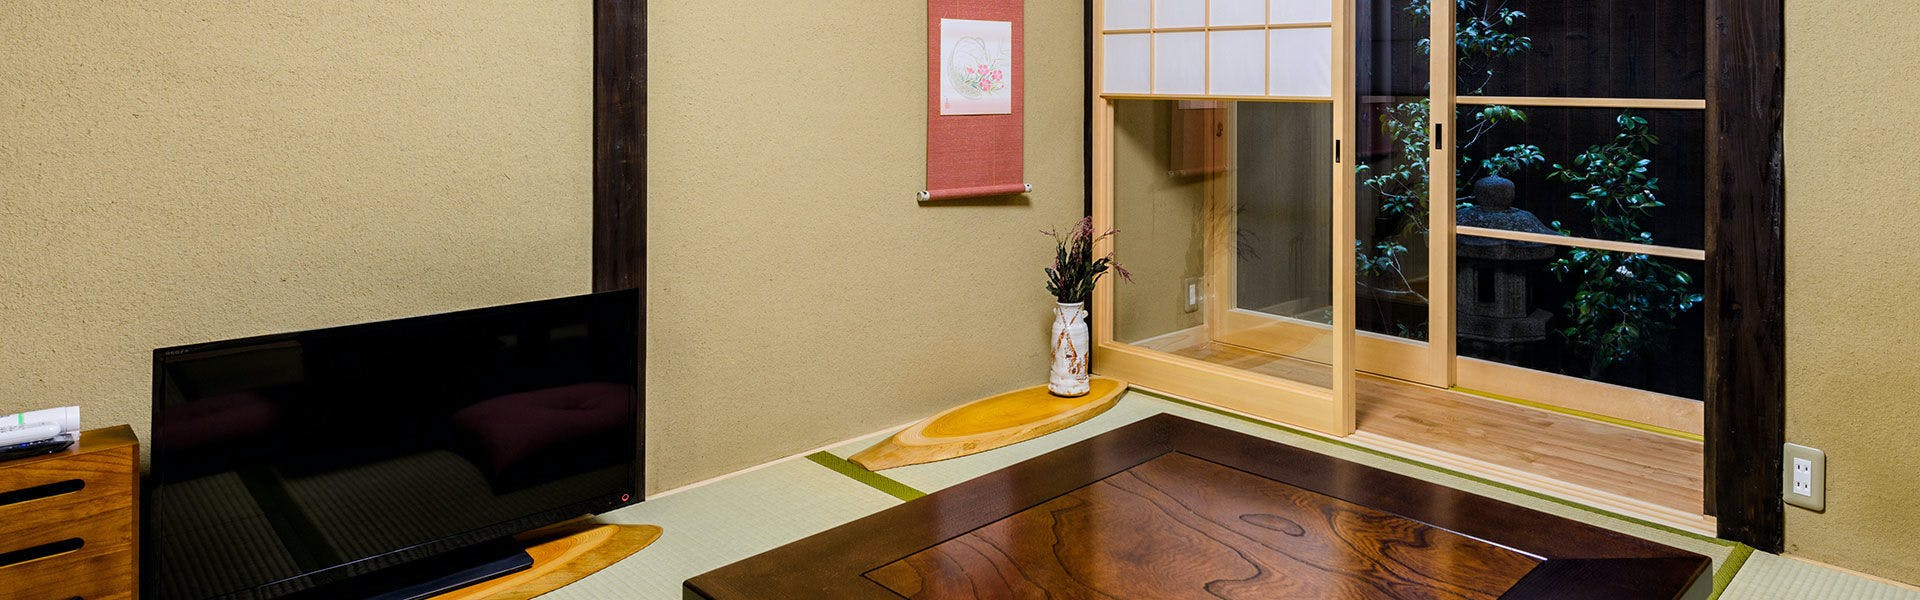 京宿庵 なでしこ白川 客室2